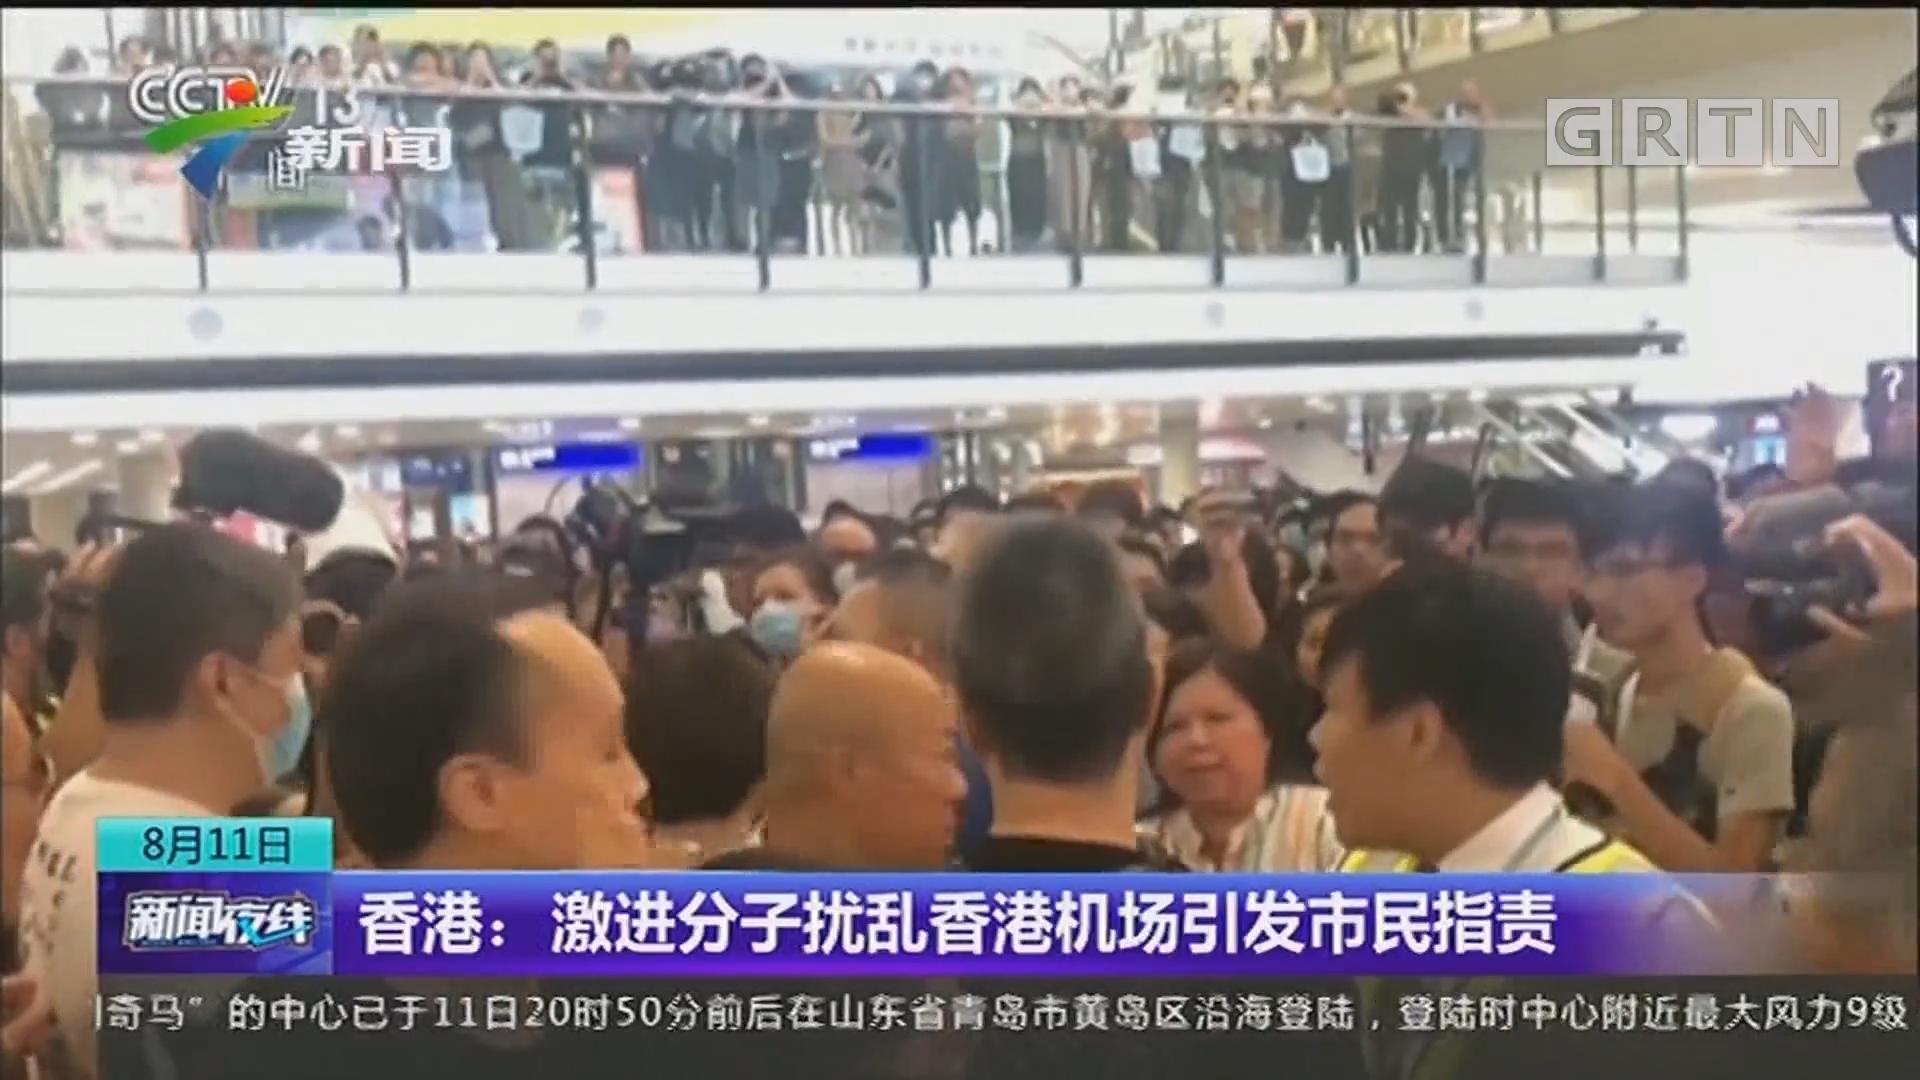 香港:激进分子扰乱香港机场引发市民指责